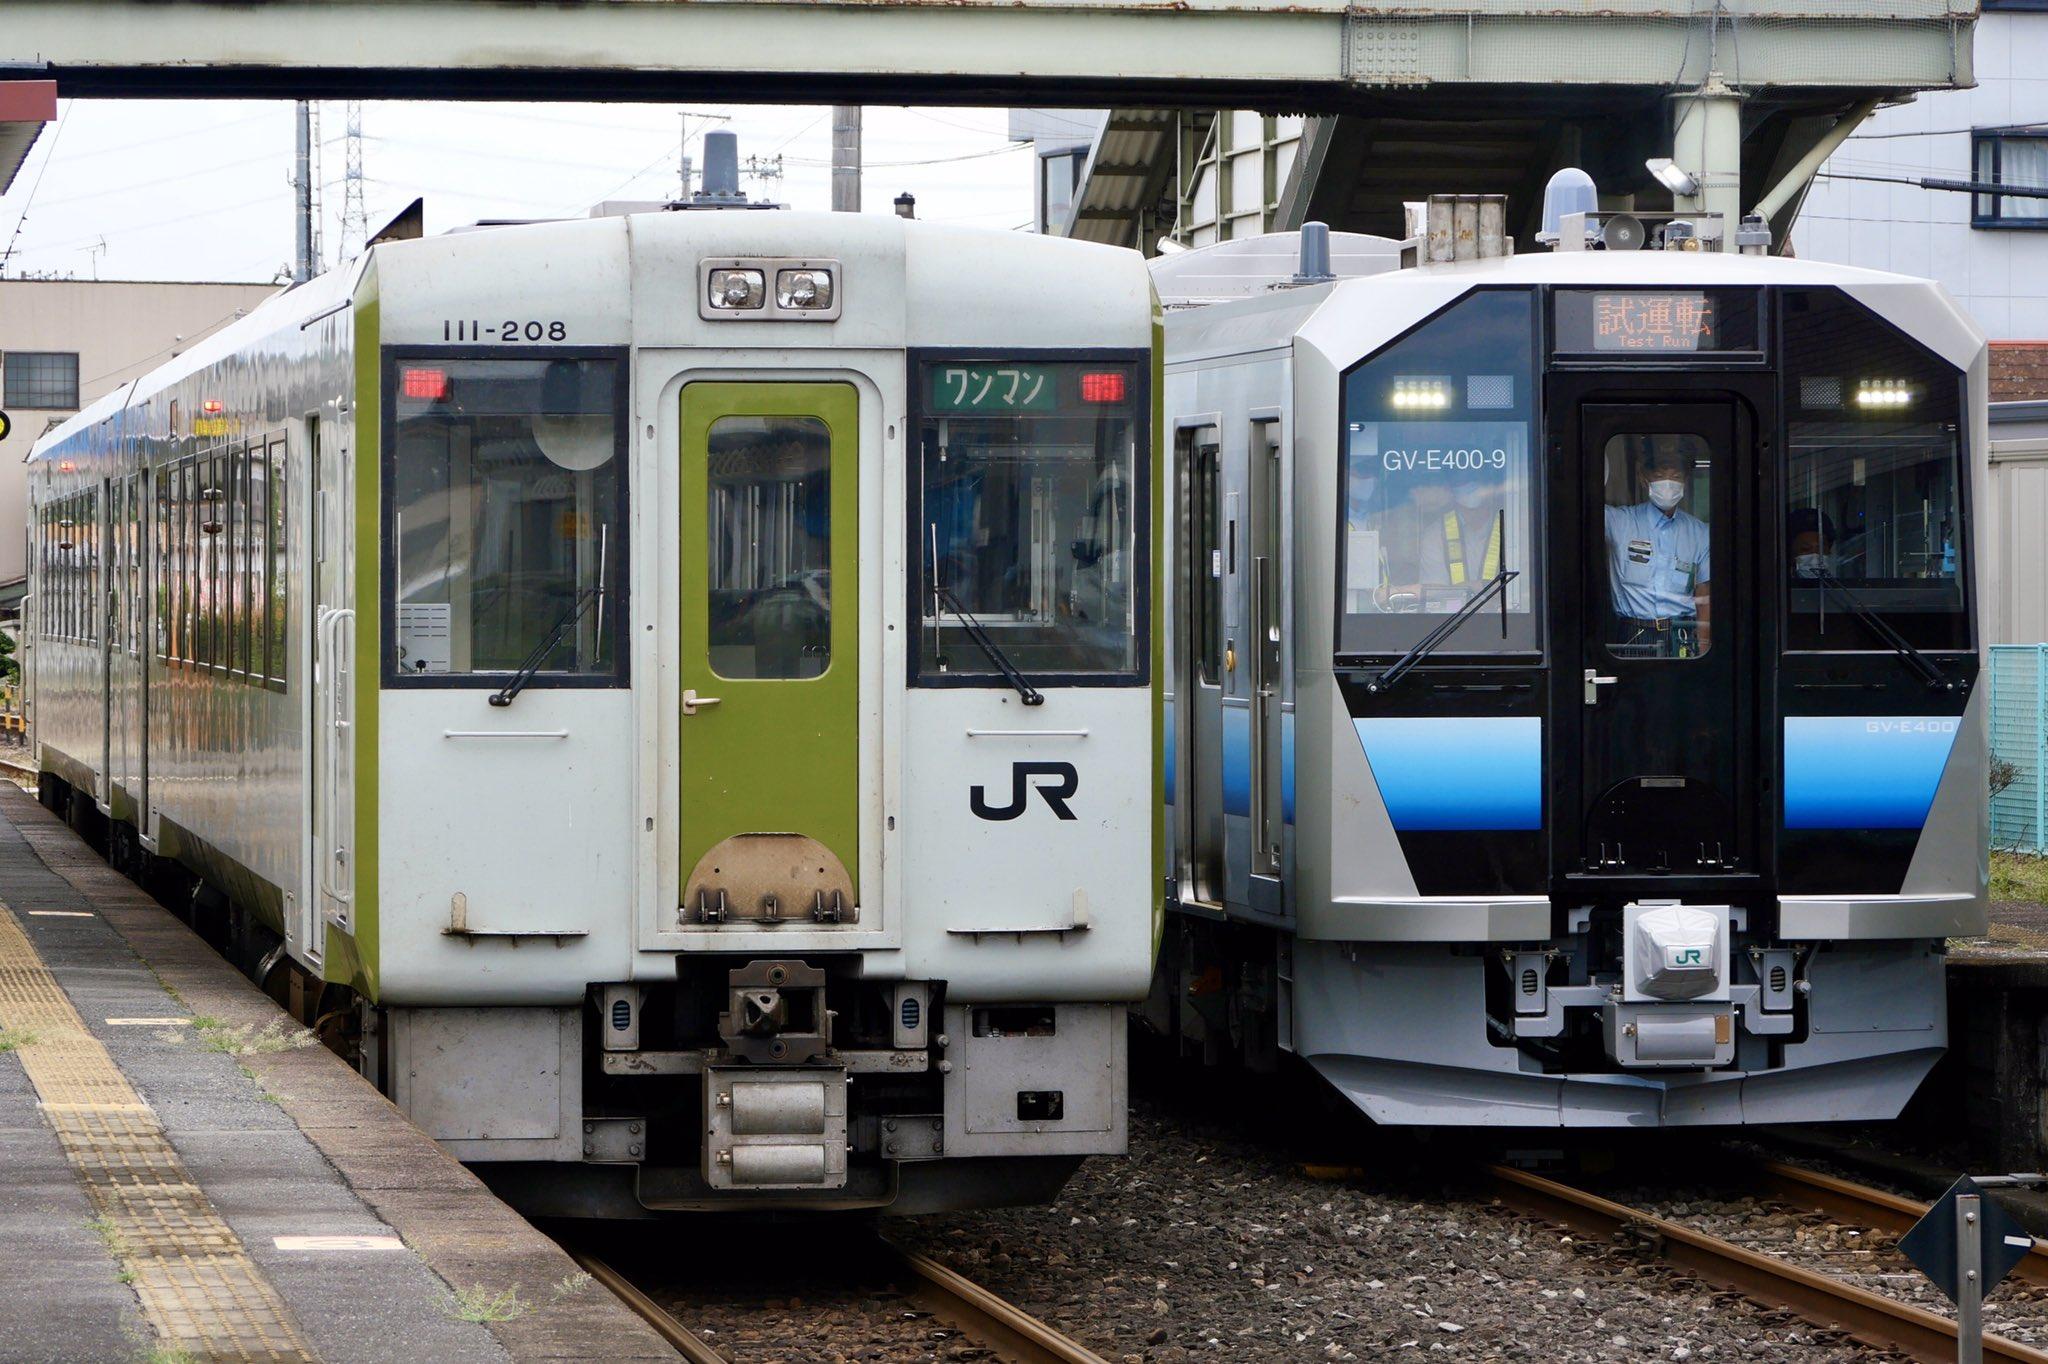 【八高線で新システム導入準備】秋田車GV-E400-9が八高線で試運転 踏切制御システムの試験 キハ110系はどうなるのか